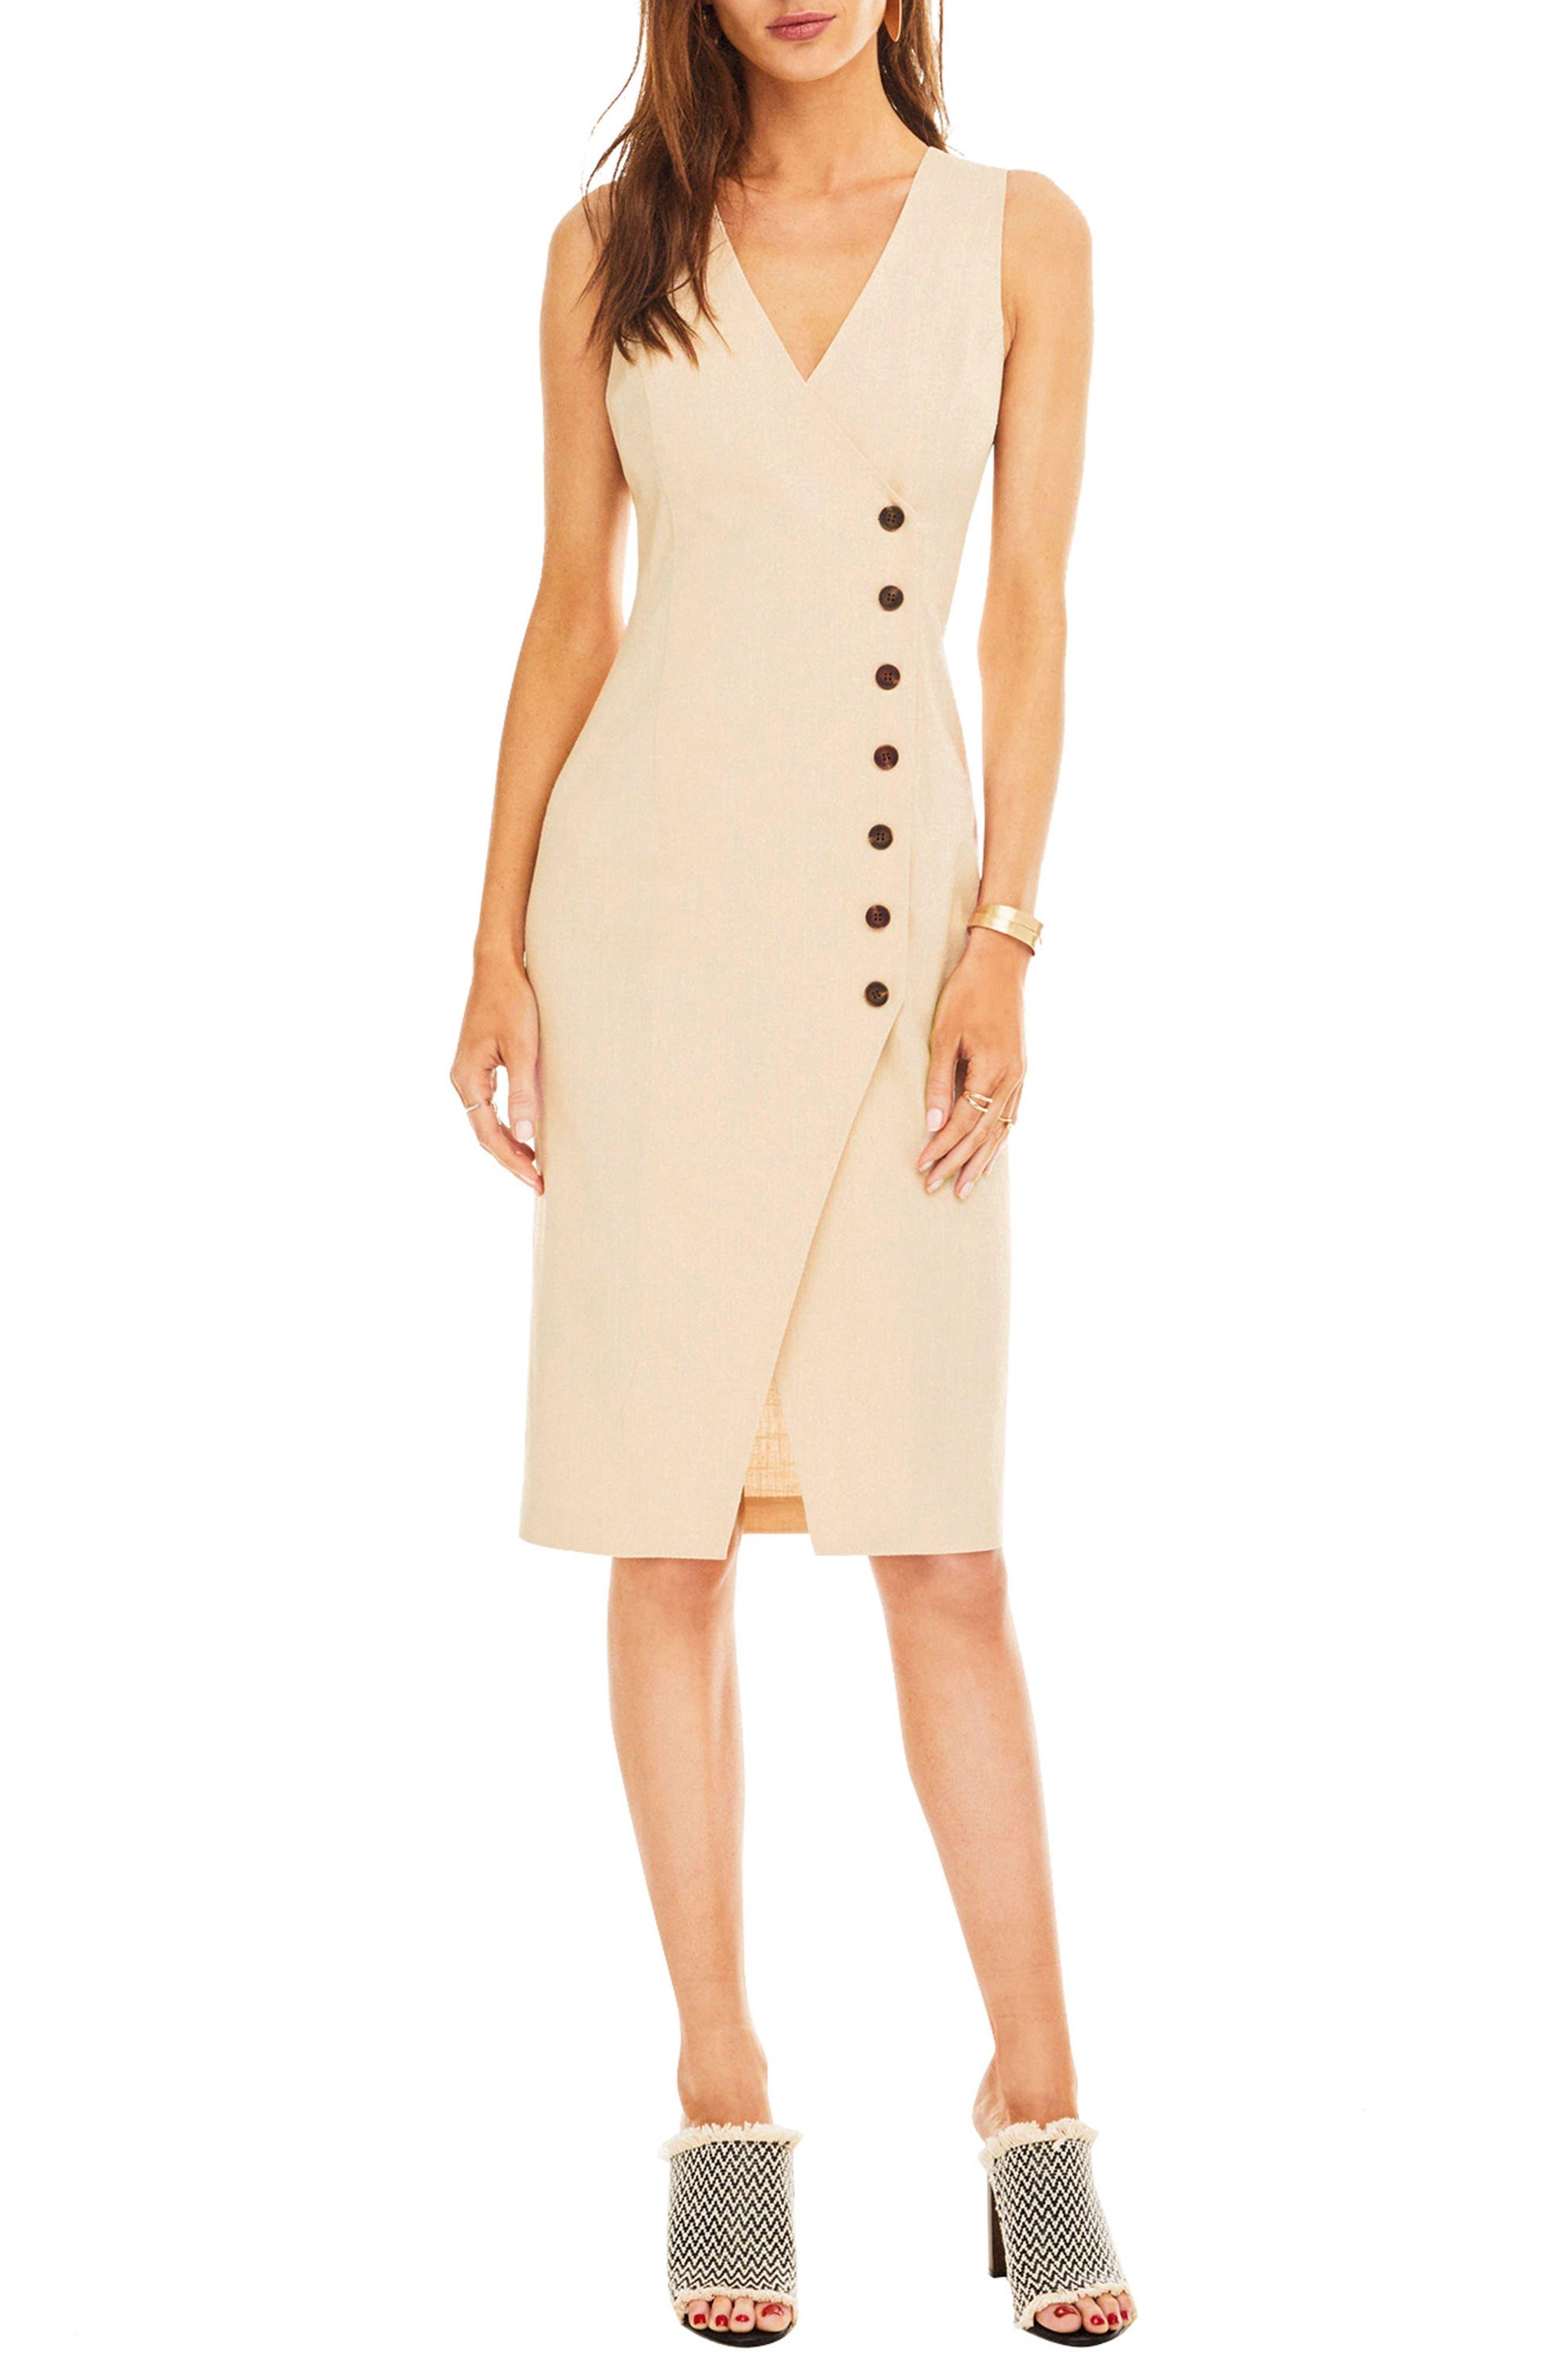 ASTR THE LABEL Demi Dress, Main, color, 250